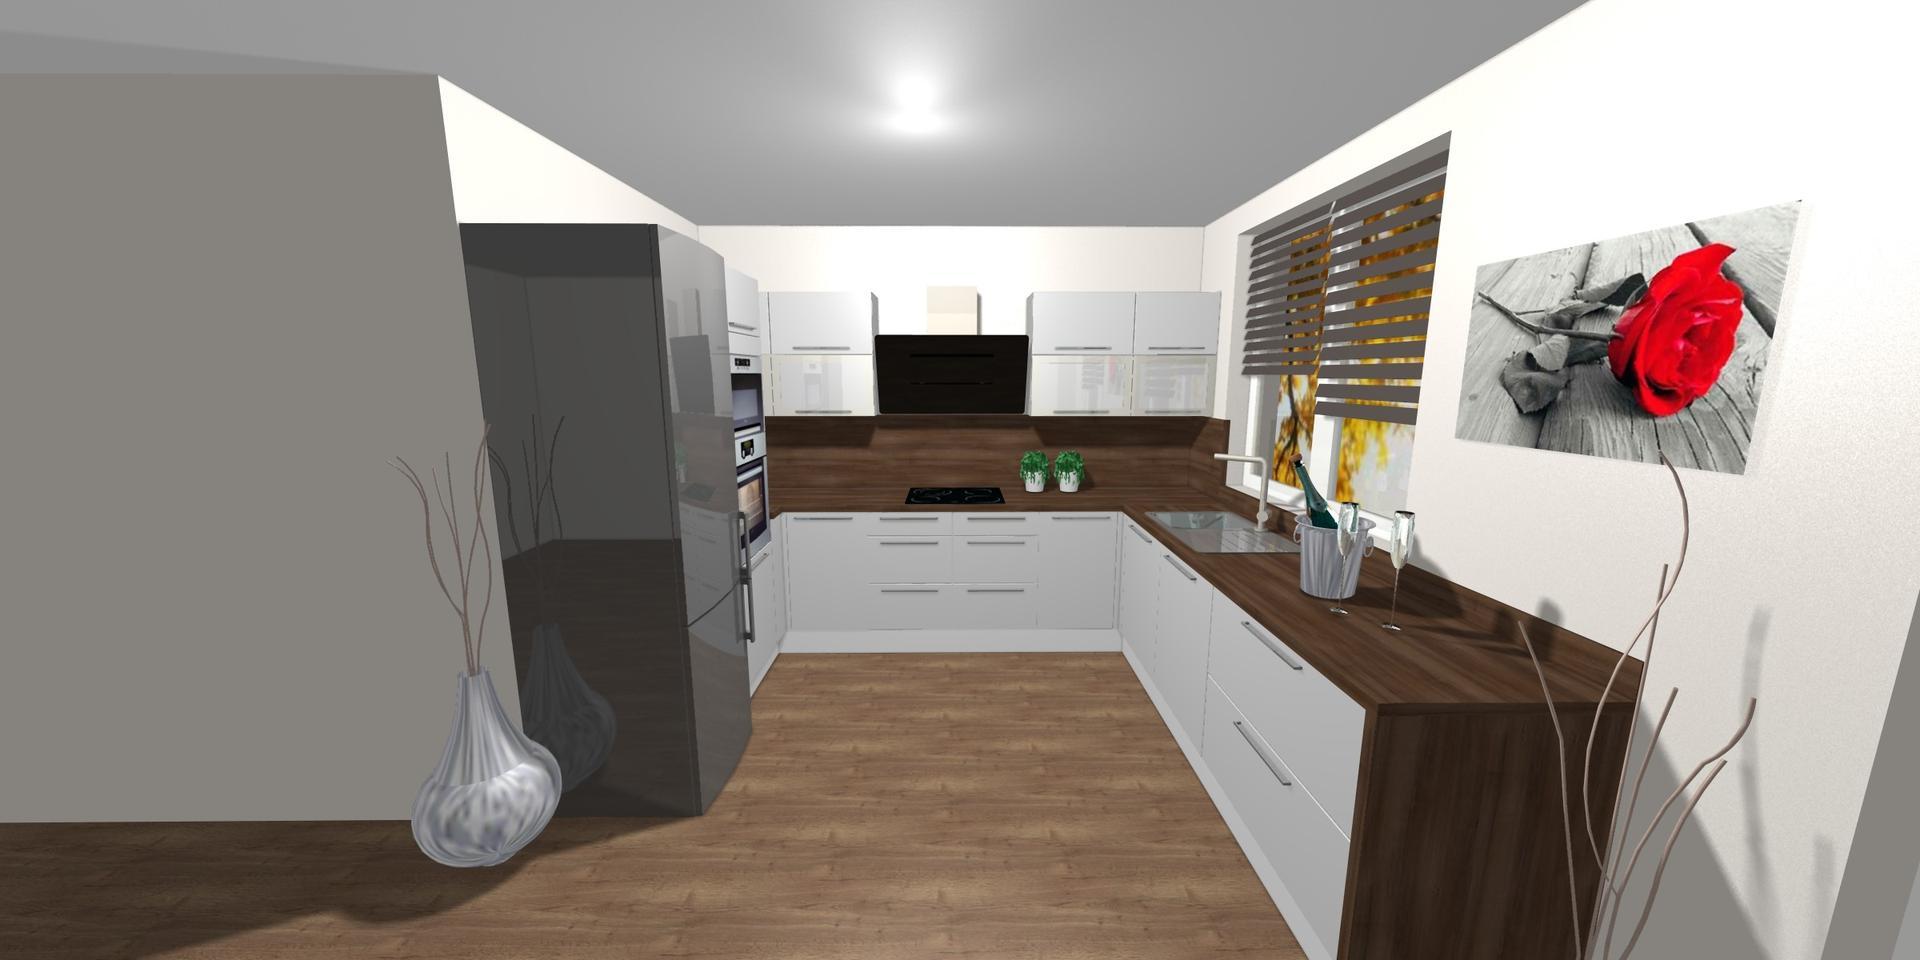 Kuchyně- plány x realita - Obrázek č. 1